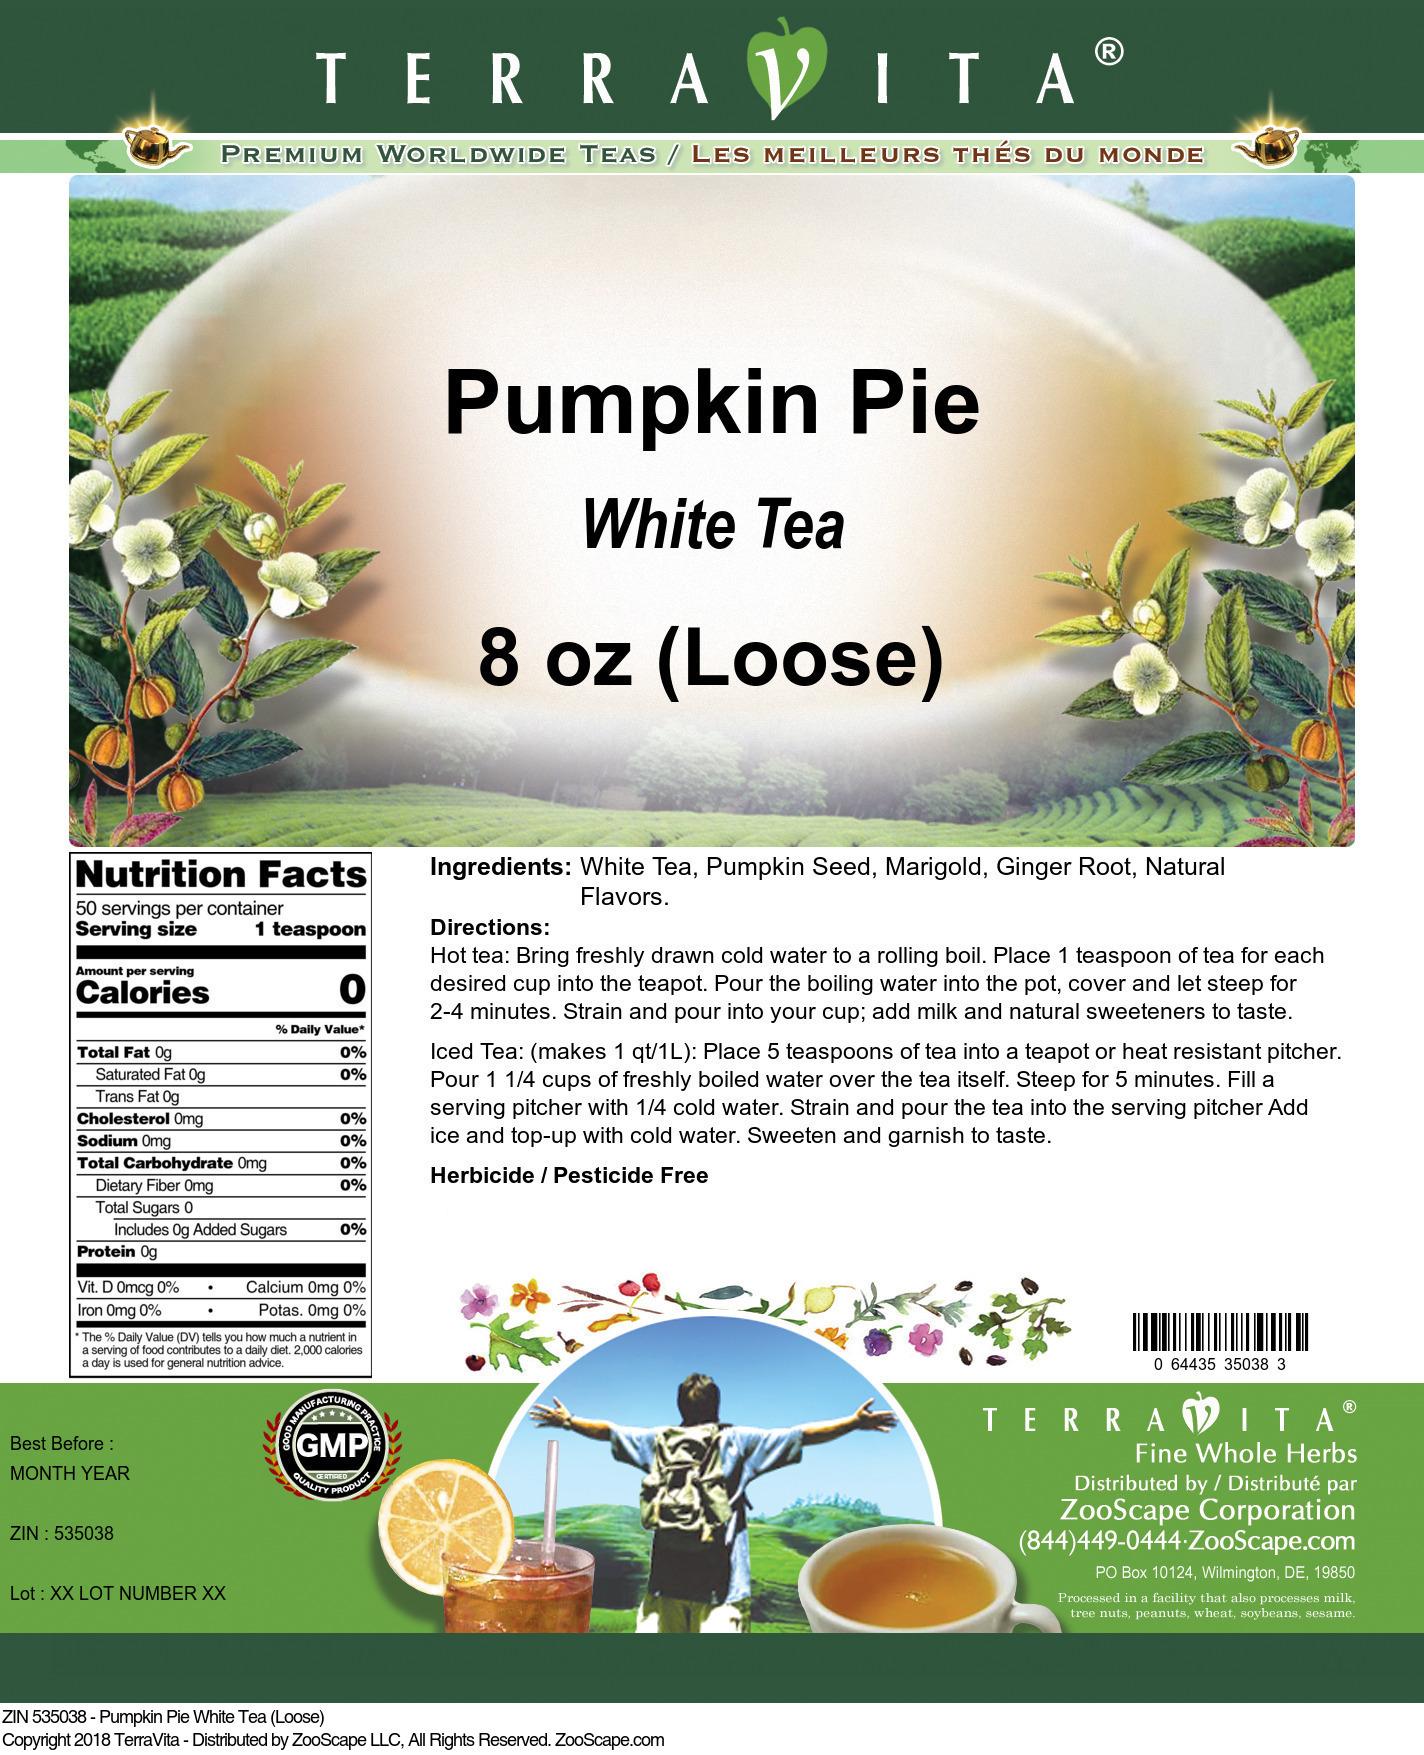 Pumpkin Pie White Tea